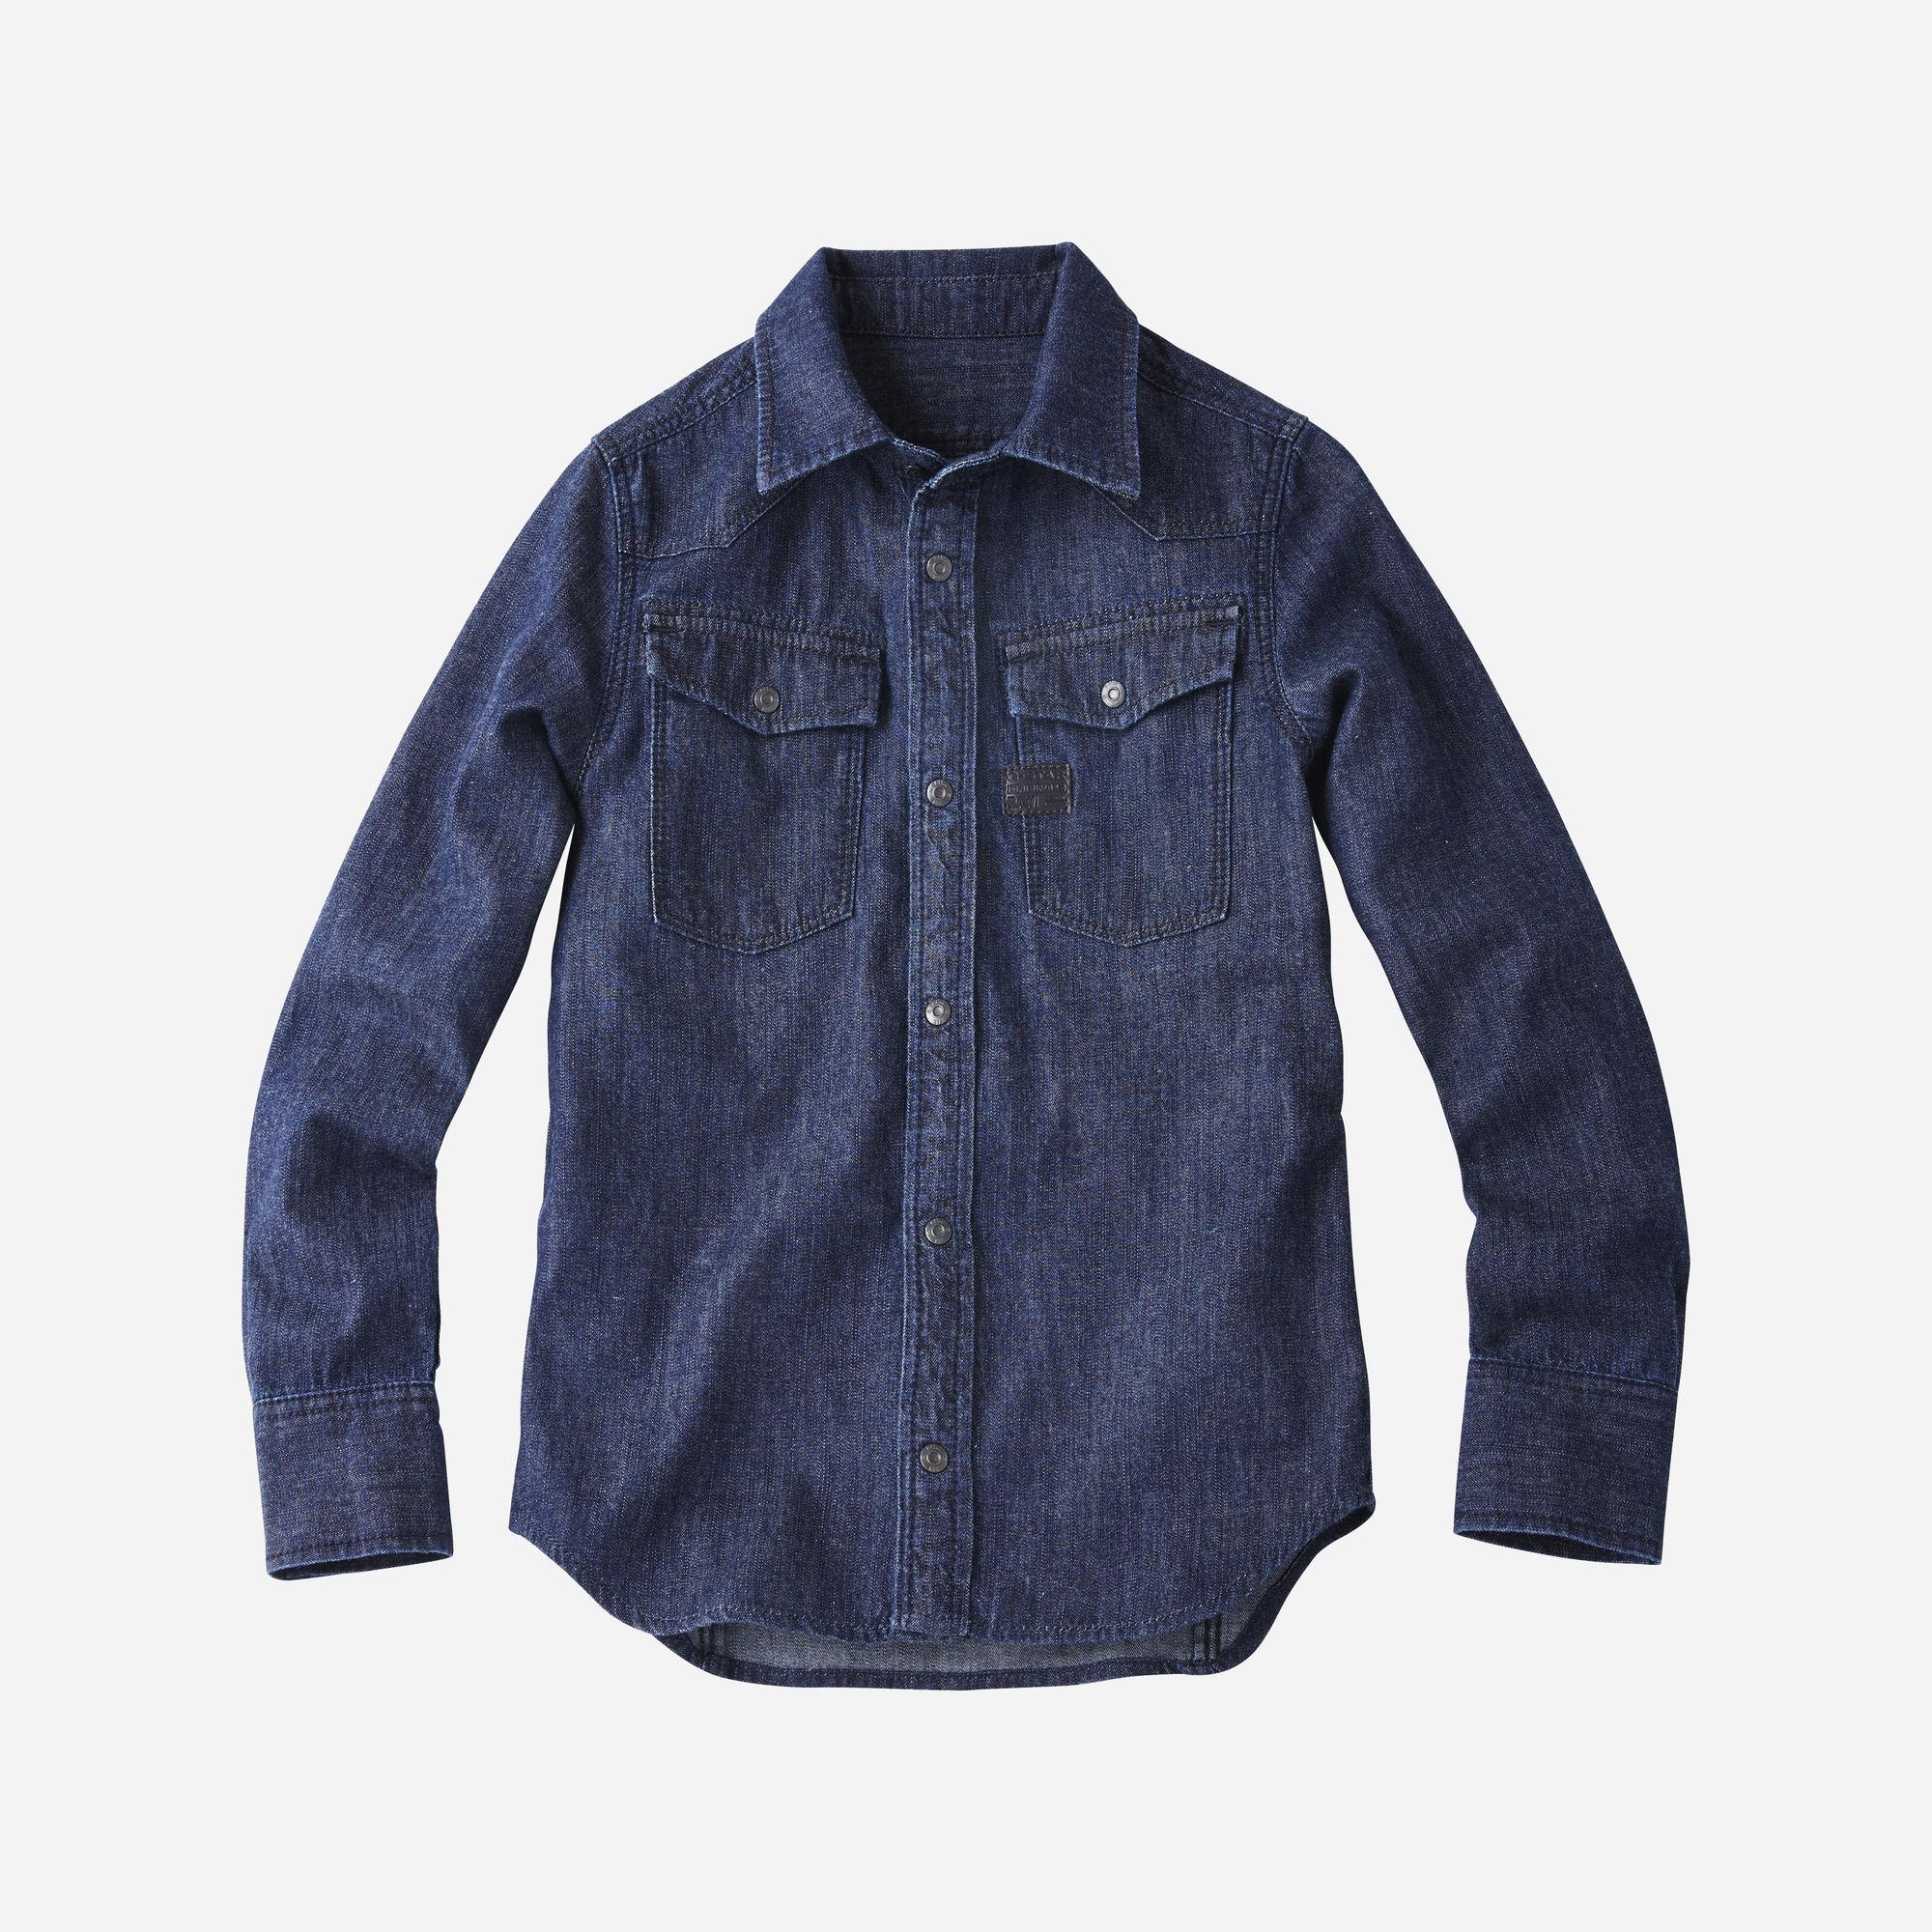 G-star RAW Garçons 3301 Shirt Bleu foncé  - Taille: 116